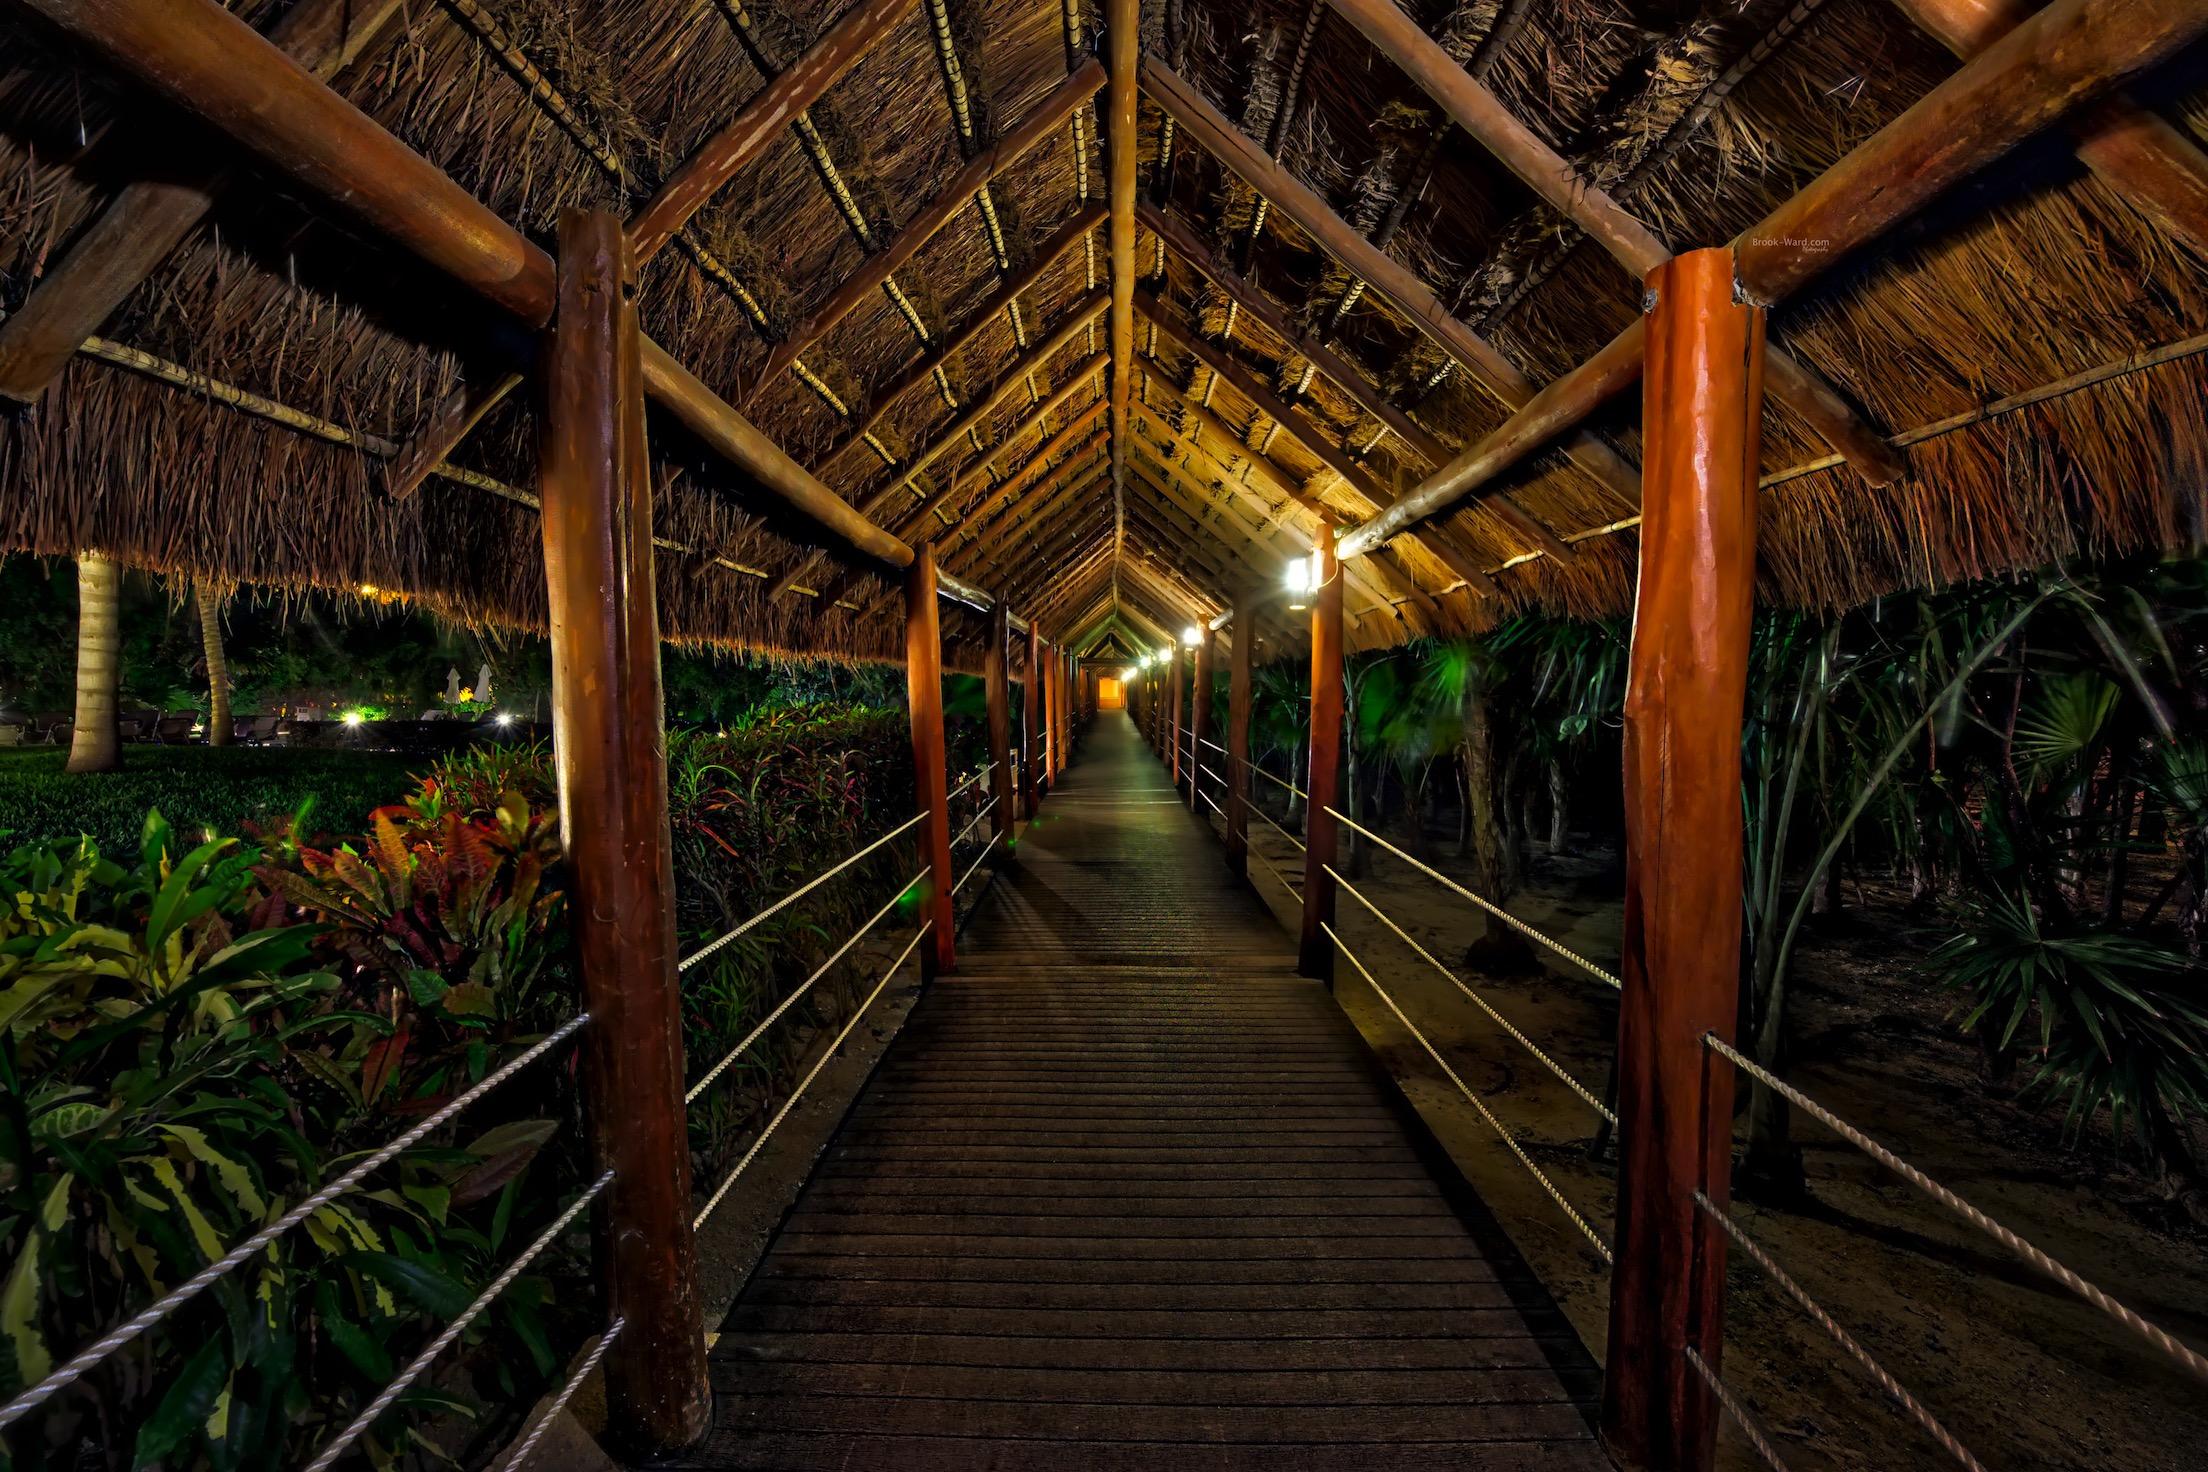 The Bridge at Ocean Coral Resort